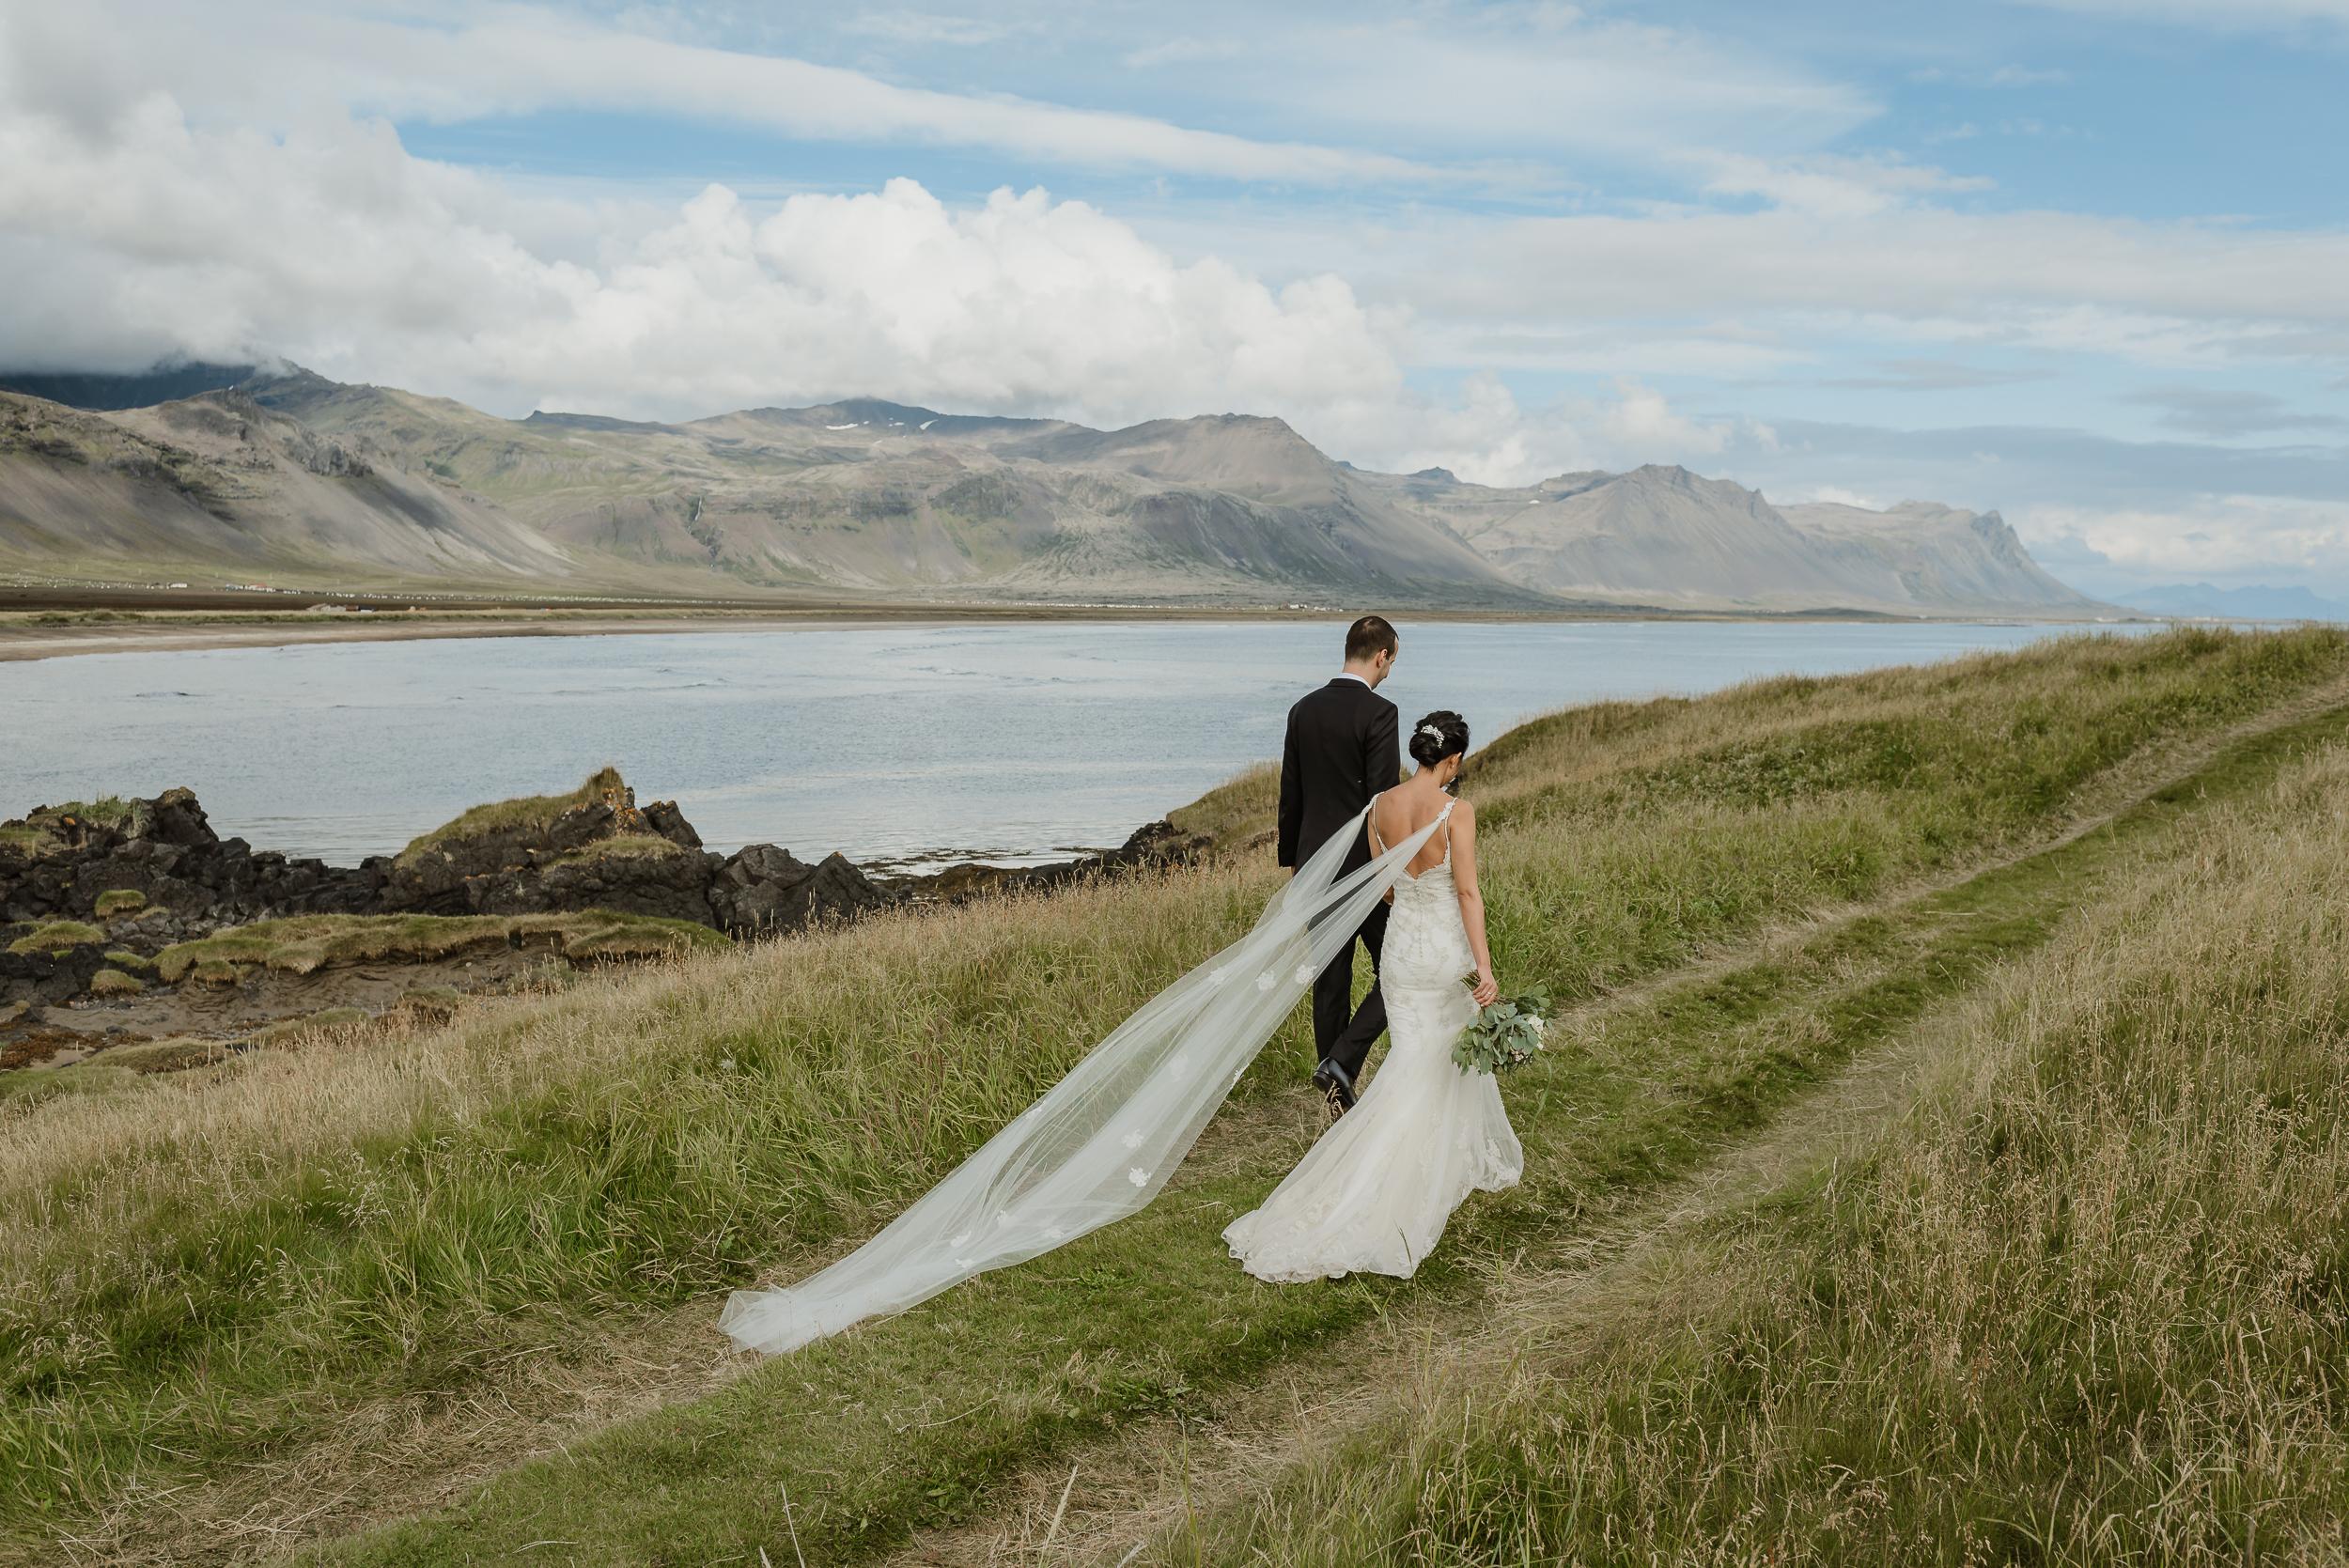 056-hotel-budir-iceland-destination-wedding-vivianchen-393.jpg